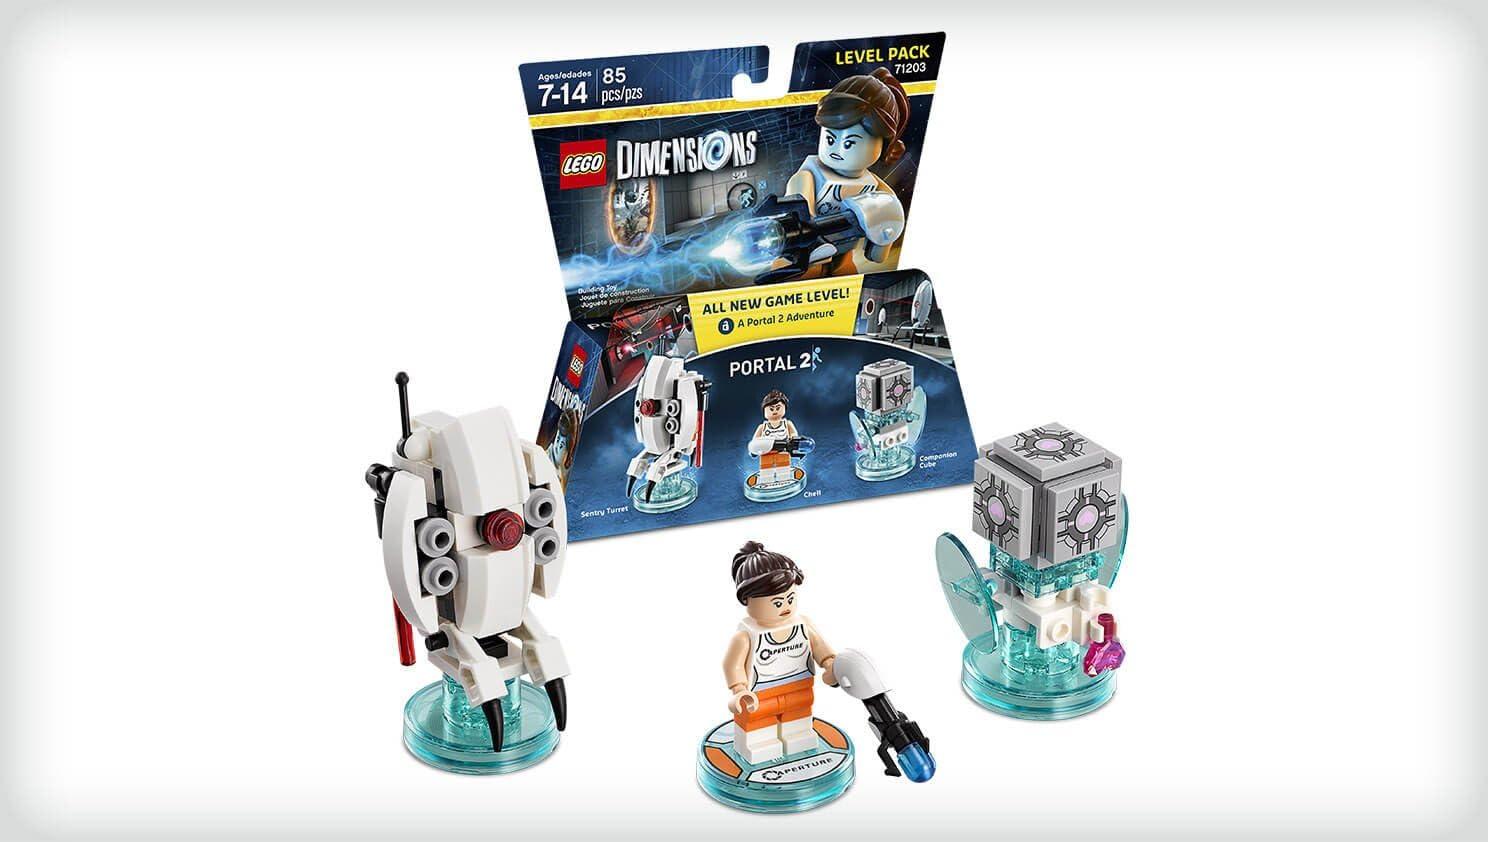 Warner Bros Interactive Spain Lego Dimensions - Portal 2, Chell: Amazon.es: Videojuegos